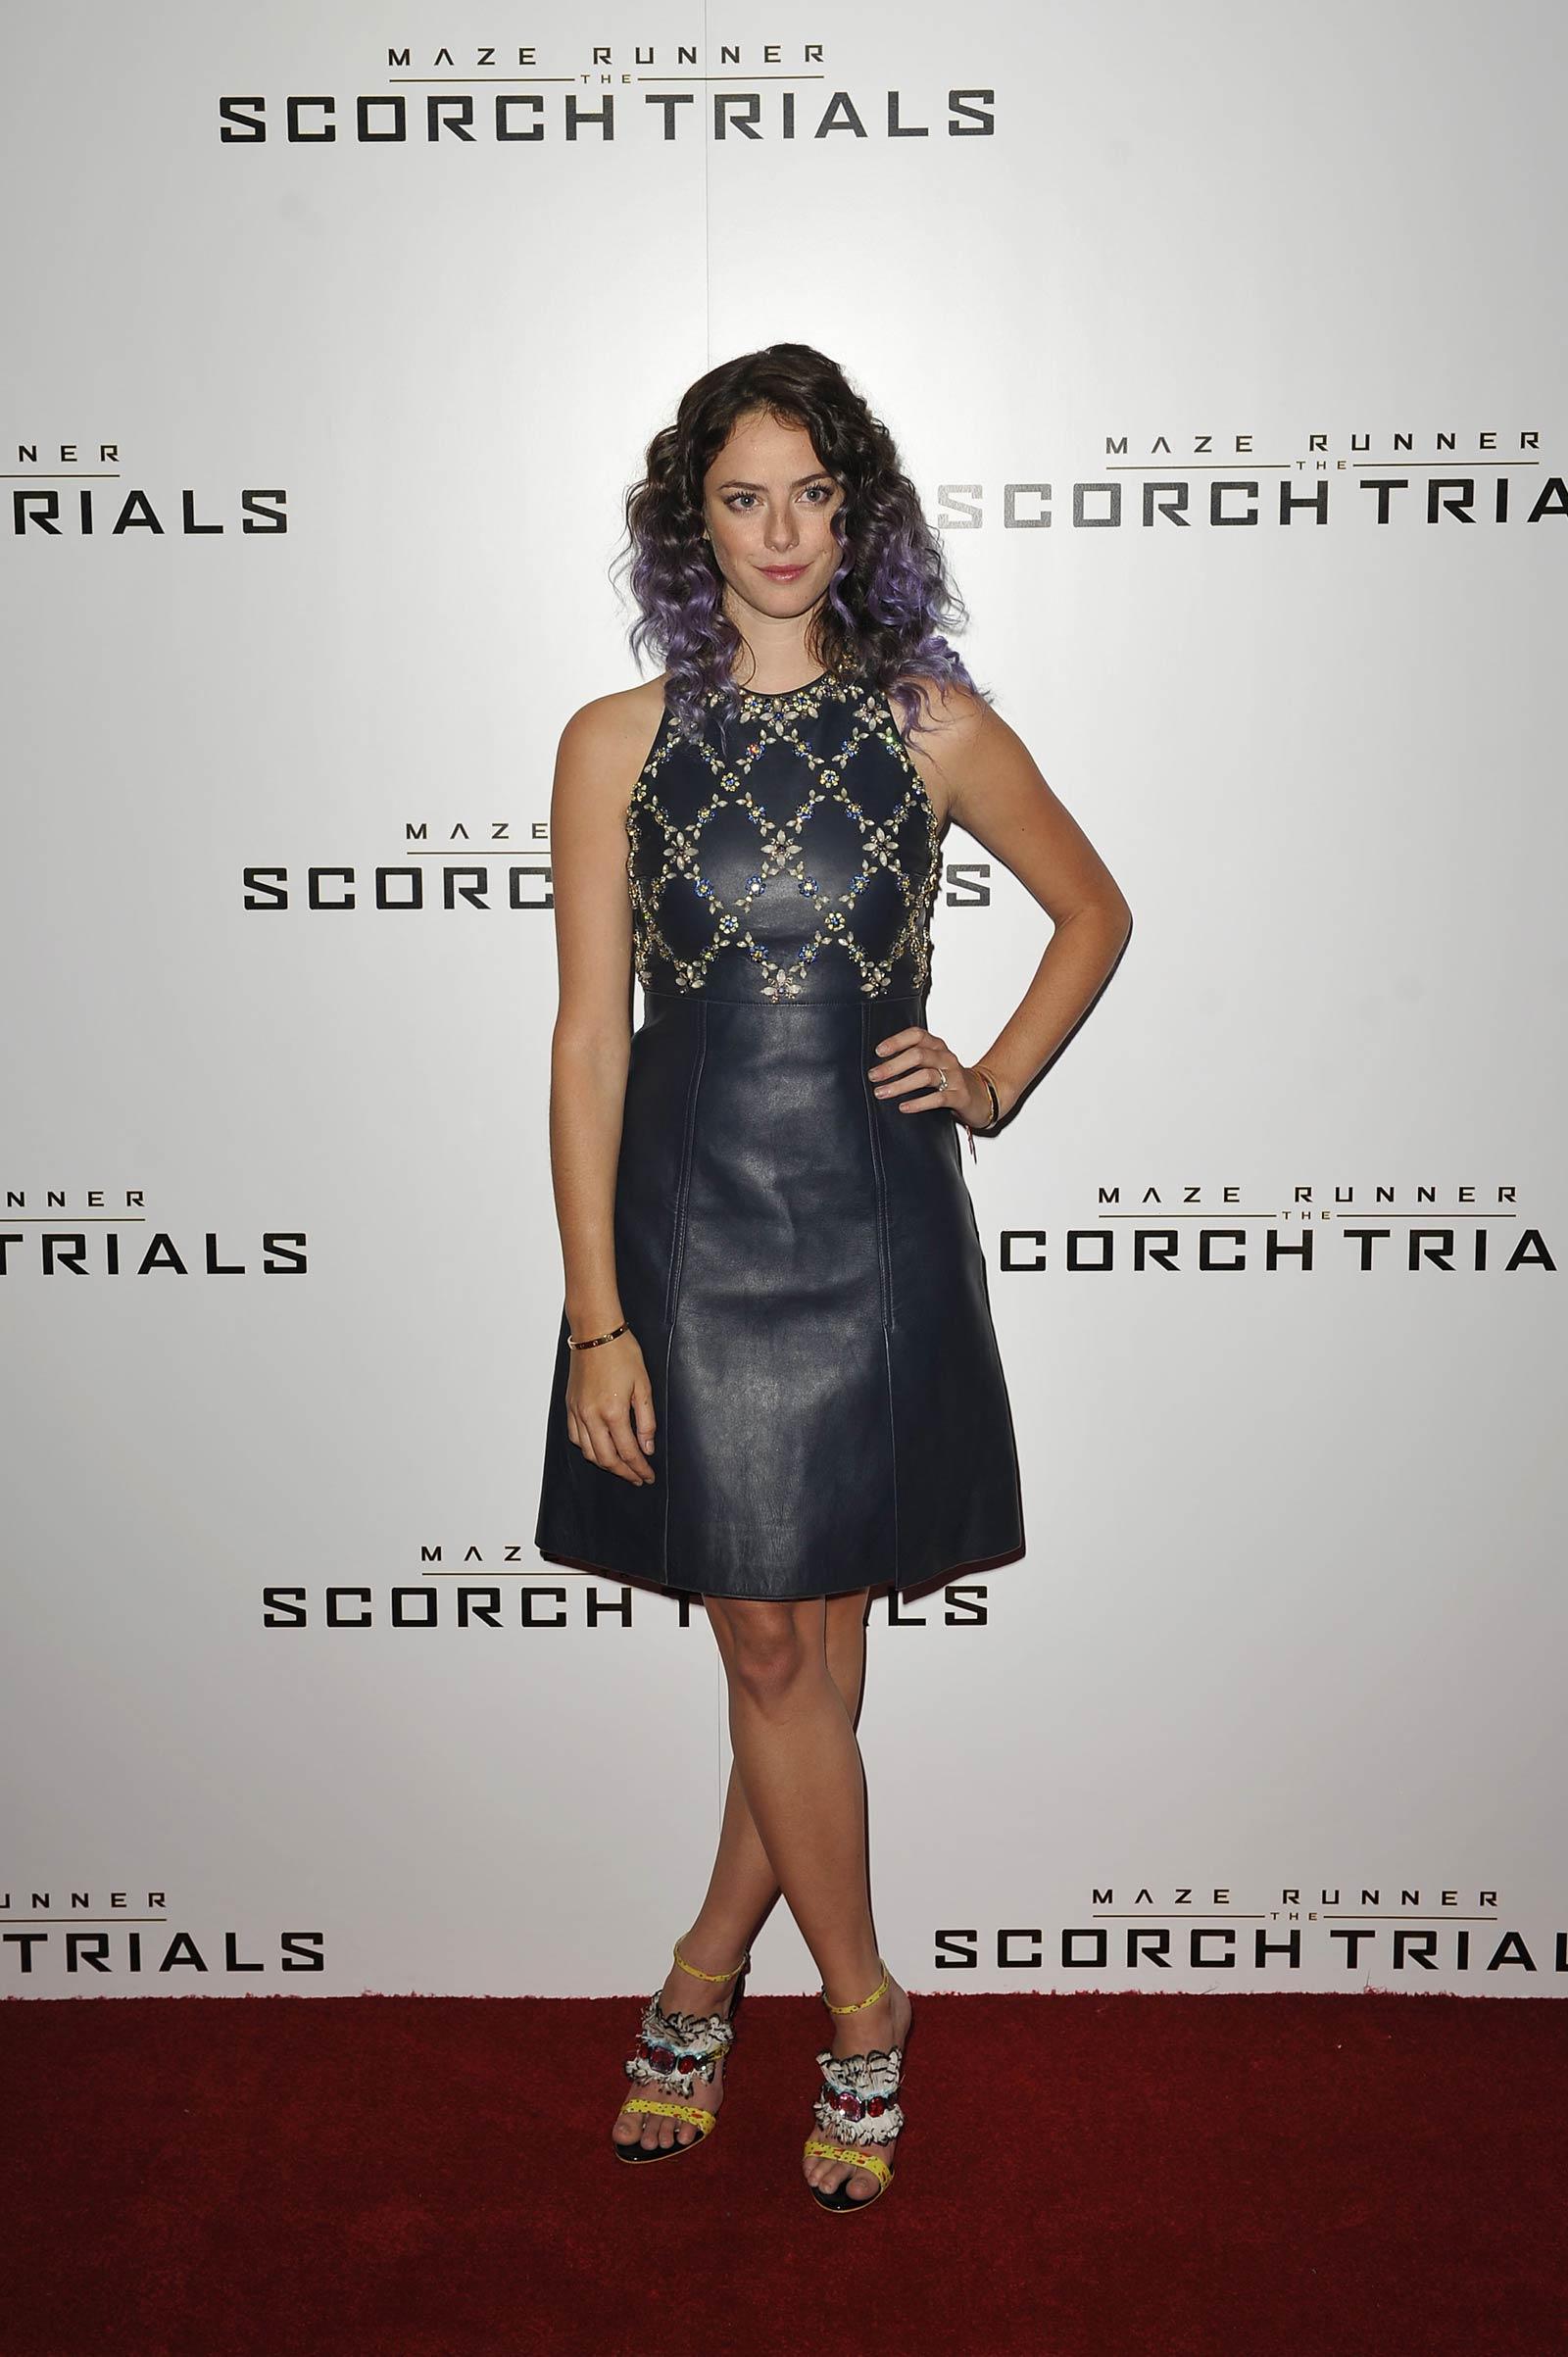 Kaya Scodelario attends Maze Runner The Scorch Trials premiere